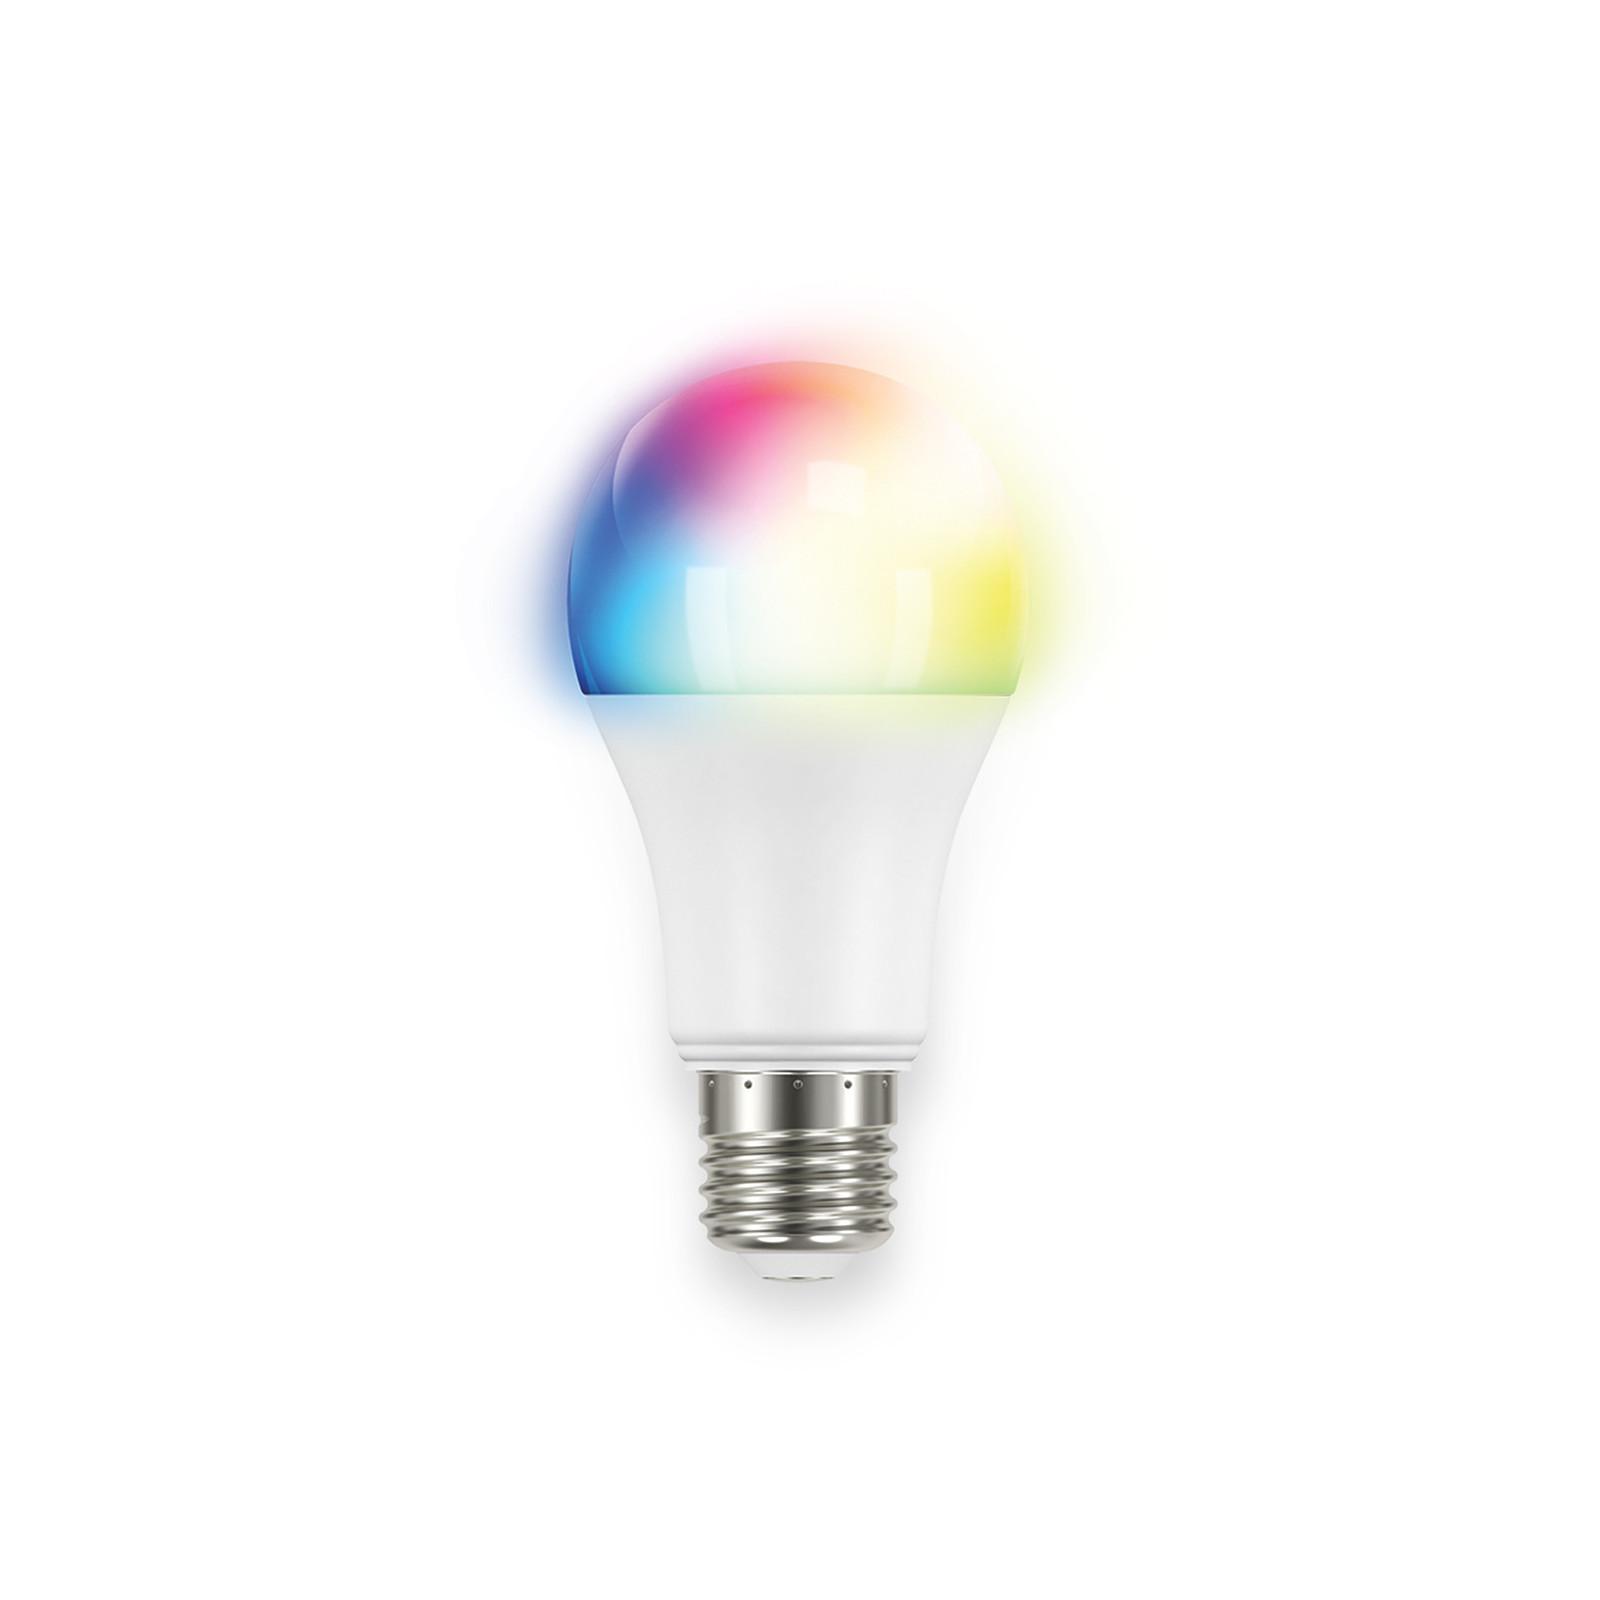 Aeon Labs Ampoule Multicolore Led Bulb 6 (e27) - Aeotec AEO_ZWA002